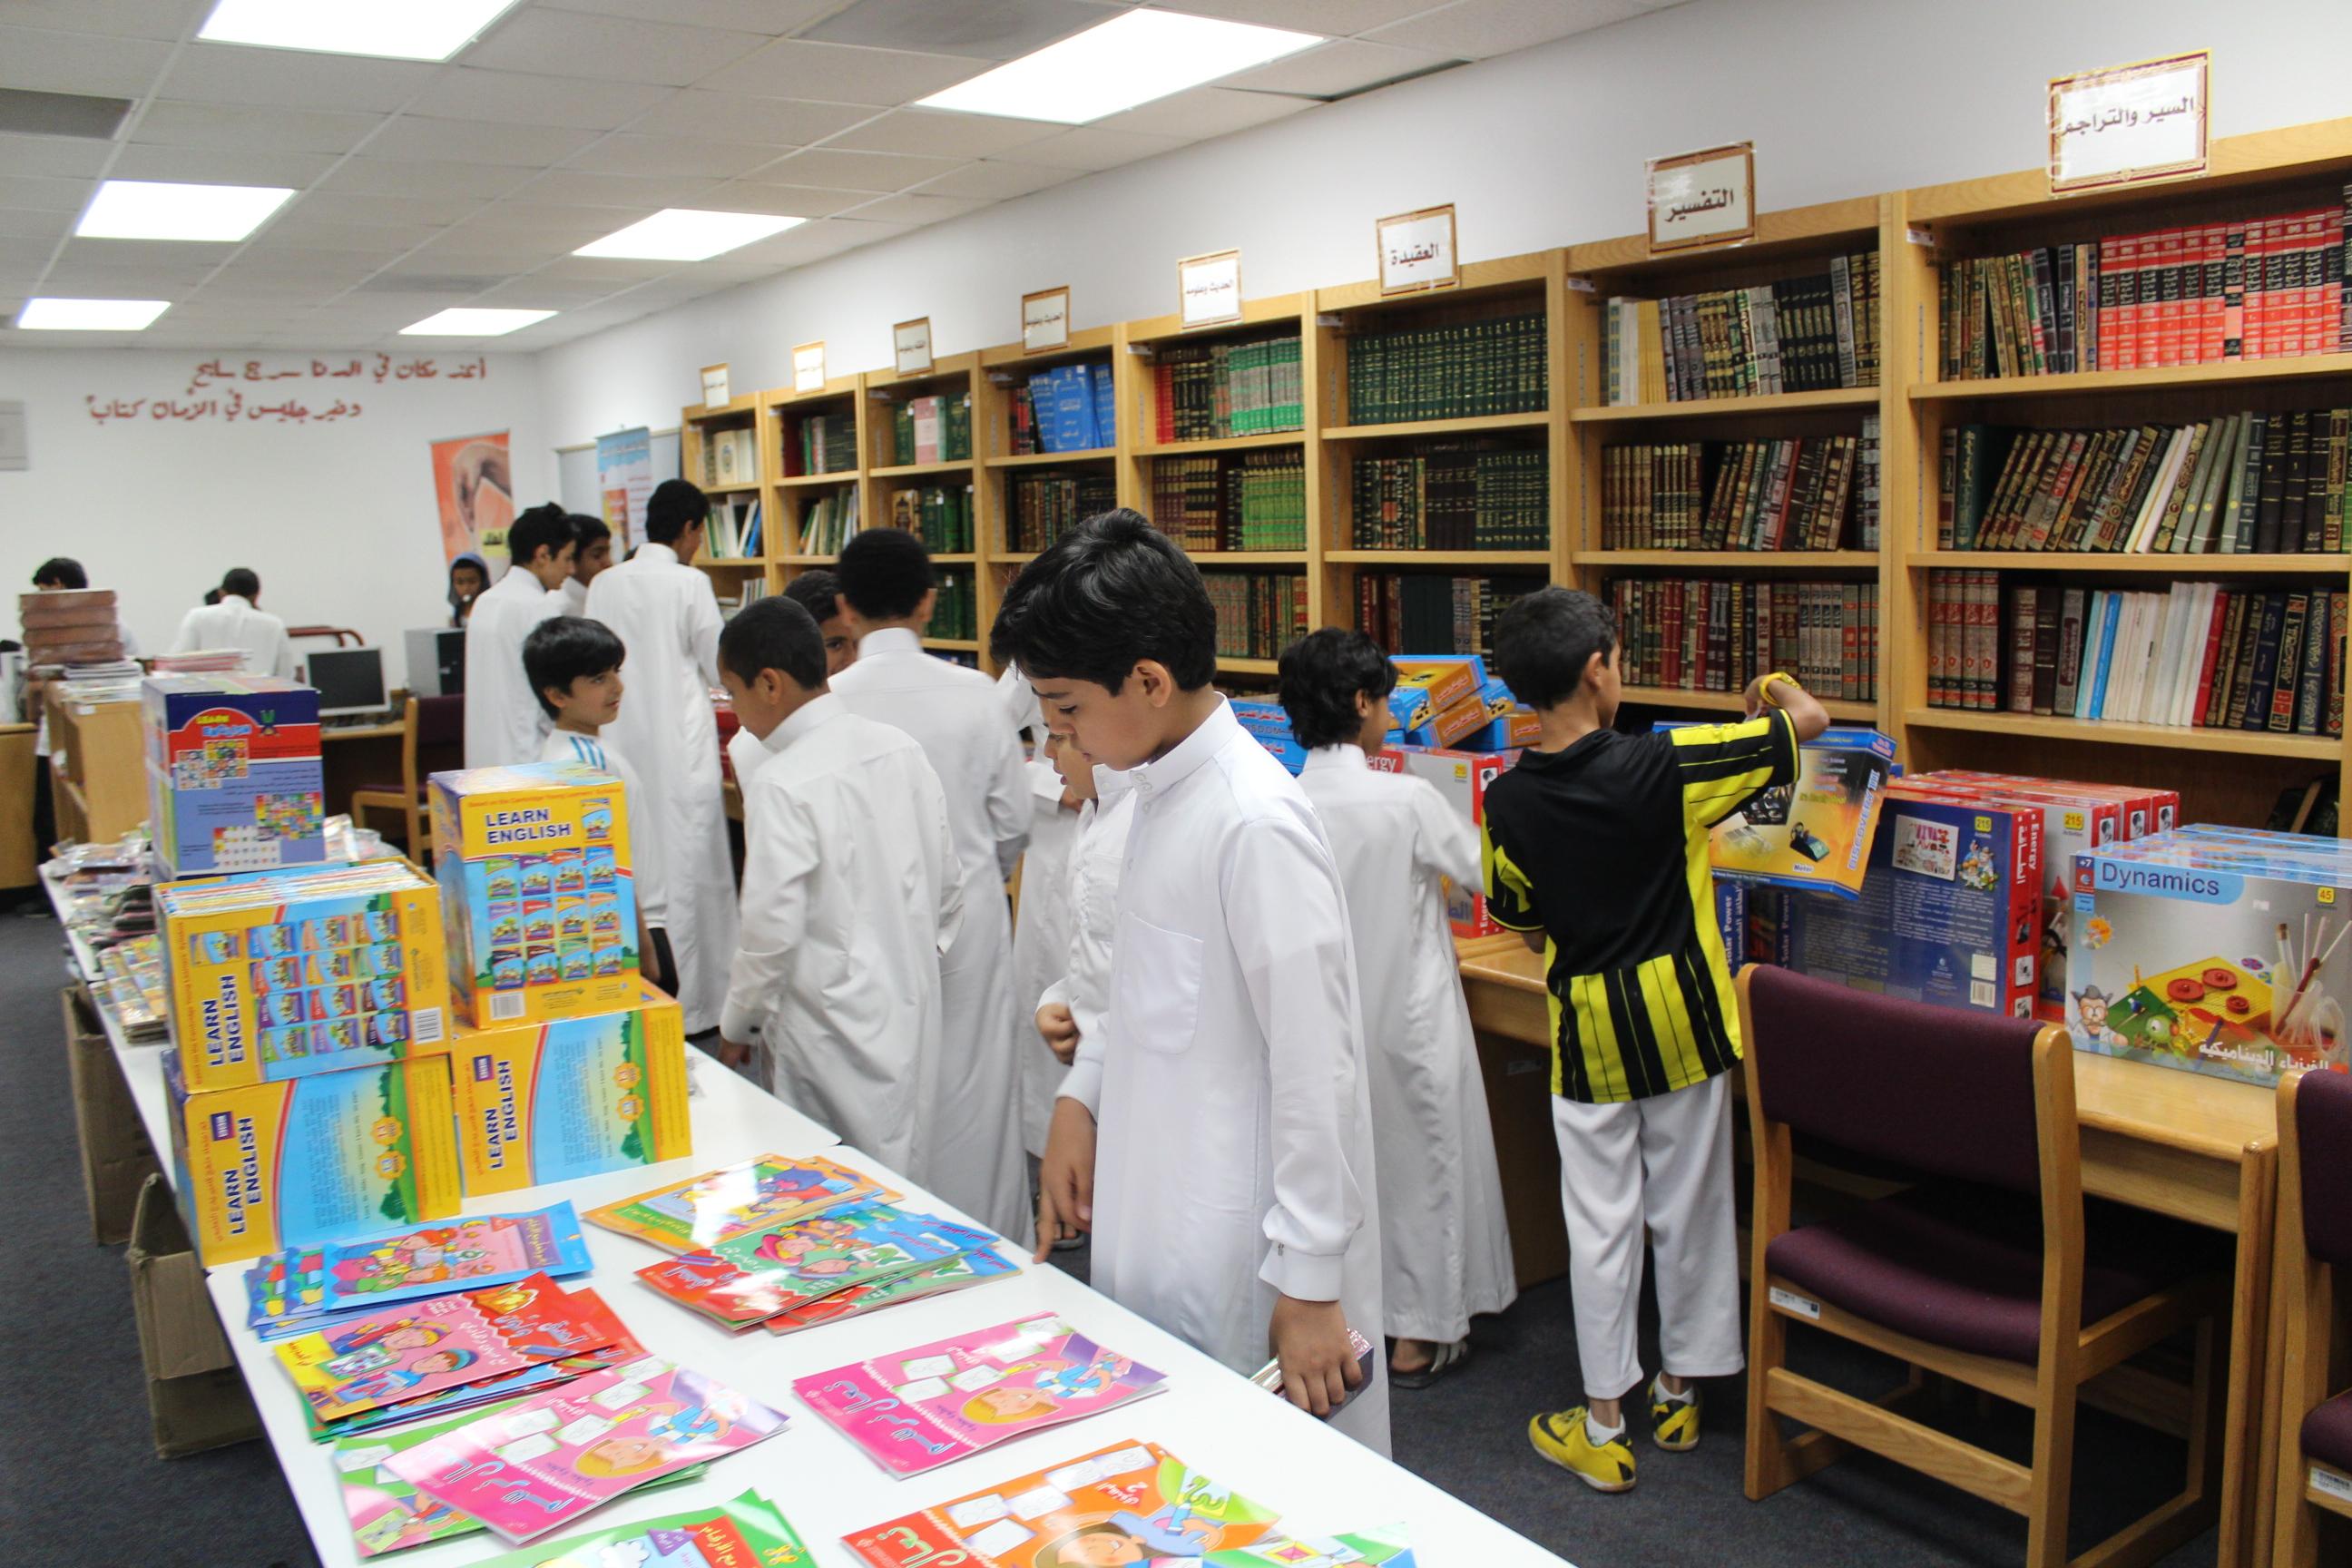 زيارة معرض الكتاب بمدرسة سعود بن جلوي